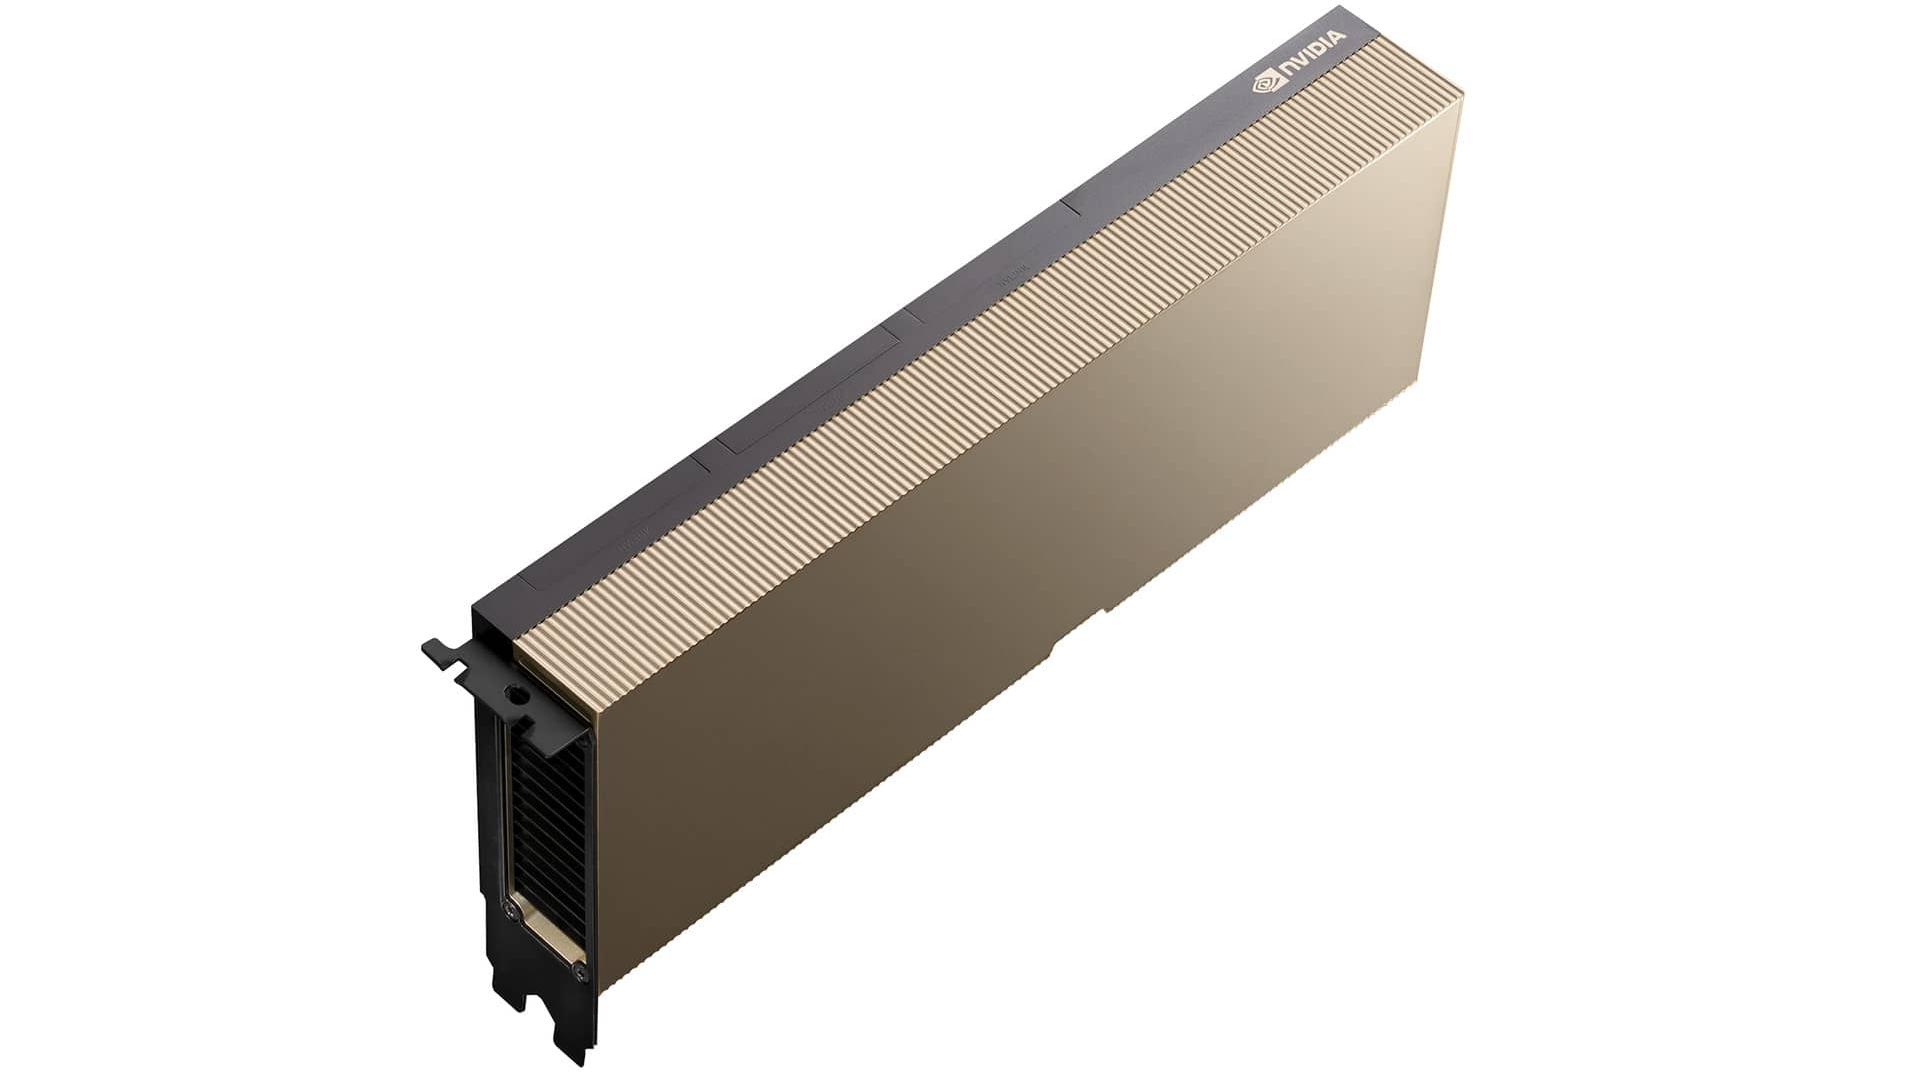 Nvidia A100 do PCIe slotu dostala 80 GB HBM2e paměti